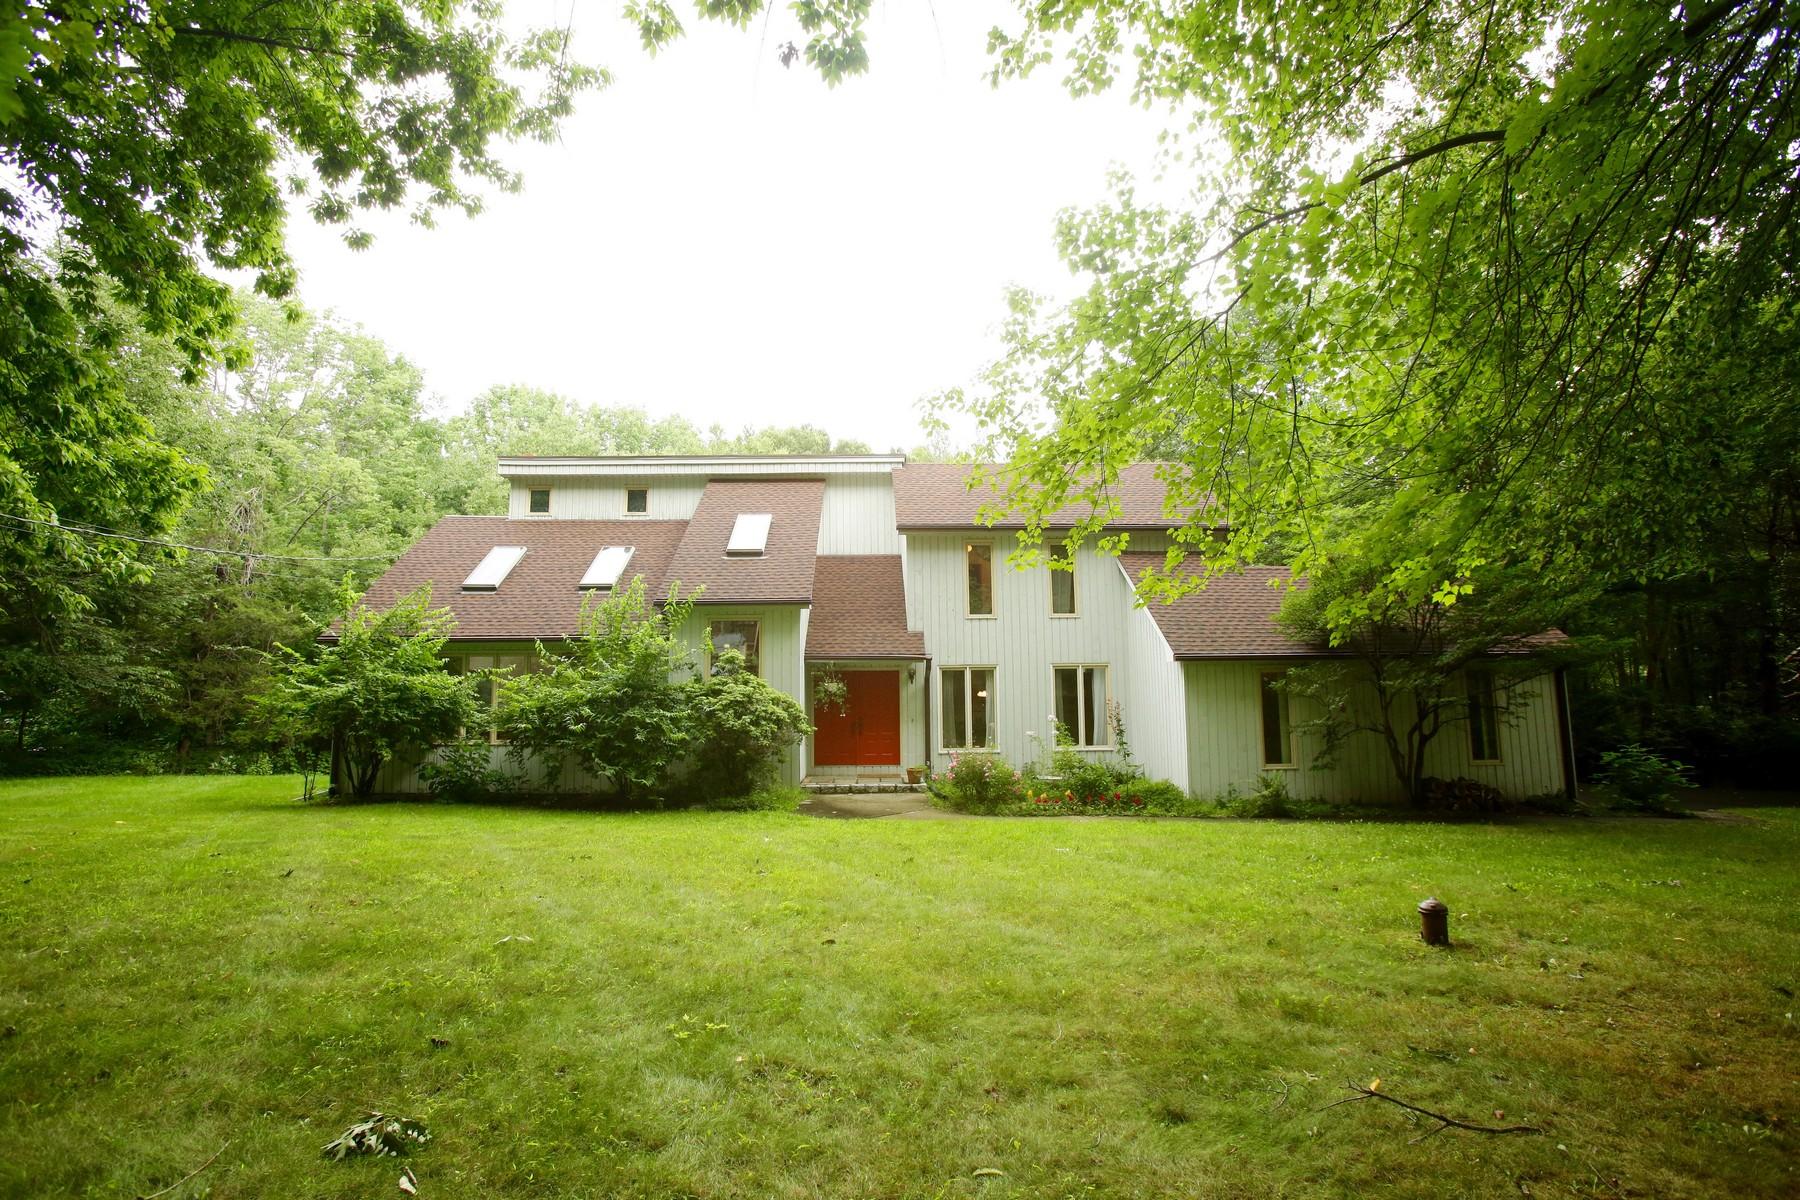 Частный односемейный дом для того Продажа на Wonderful Contemporary and Excellent Value in Lower Easton 11 Deepwood Road Easton, Коннектикут 06612 Соединенные Штаты